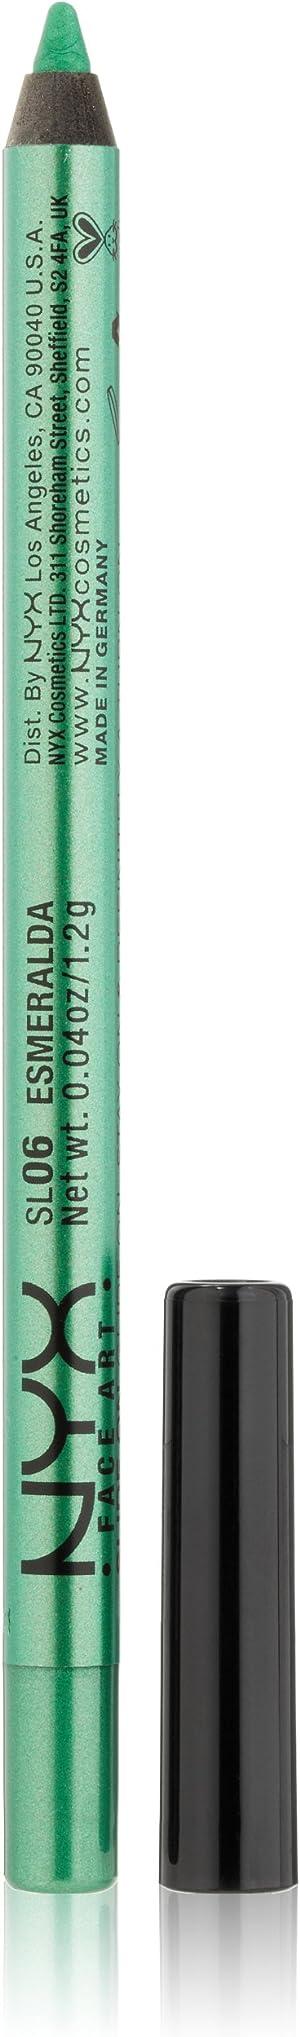 NYX PROFESSIONAL MAKEUP Slide On Pencil, Waterproof Eyeliner Pencil, Esmeralda